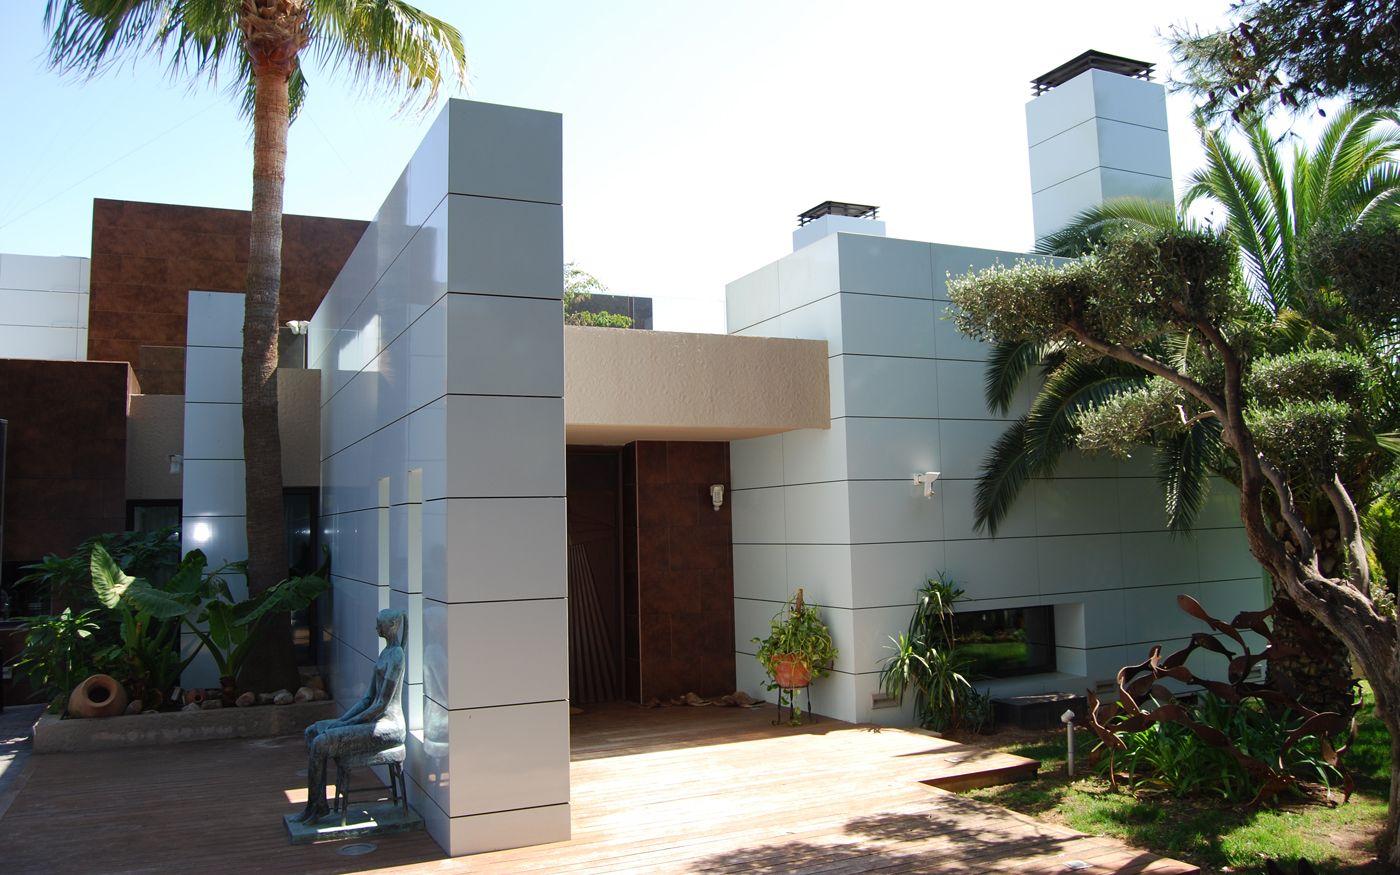 Calidad duart vila arquitectes en albal estudio de - Estudios arquitectura valencia ...